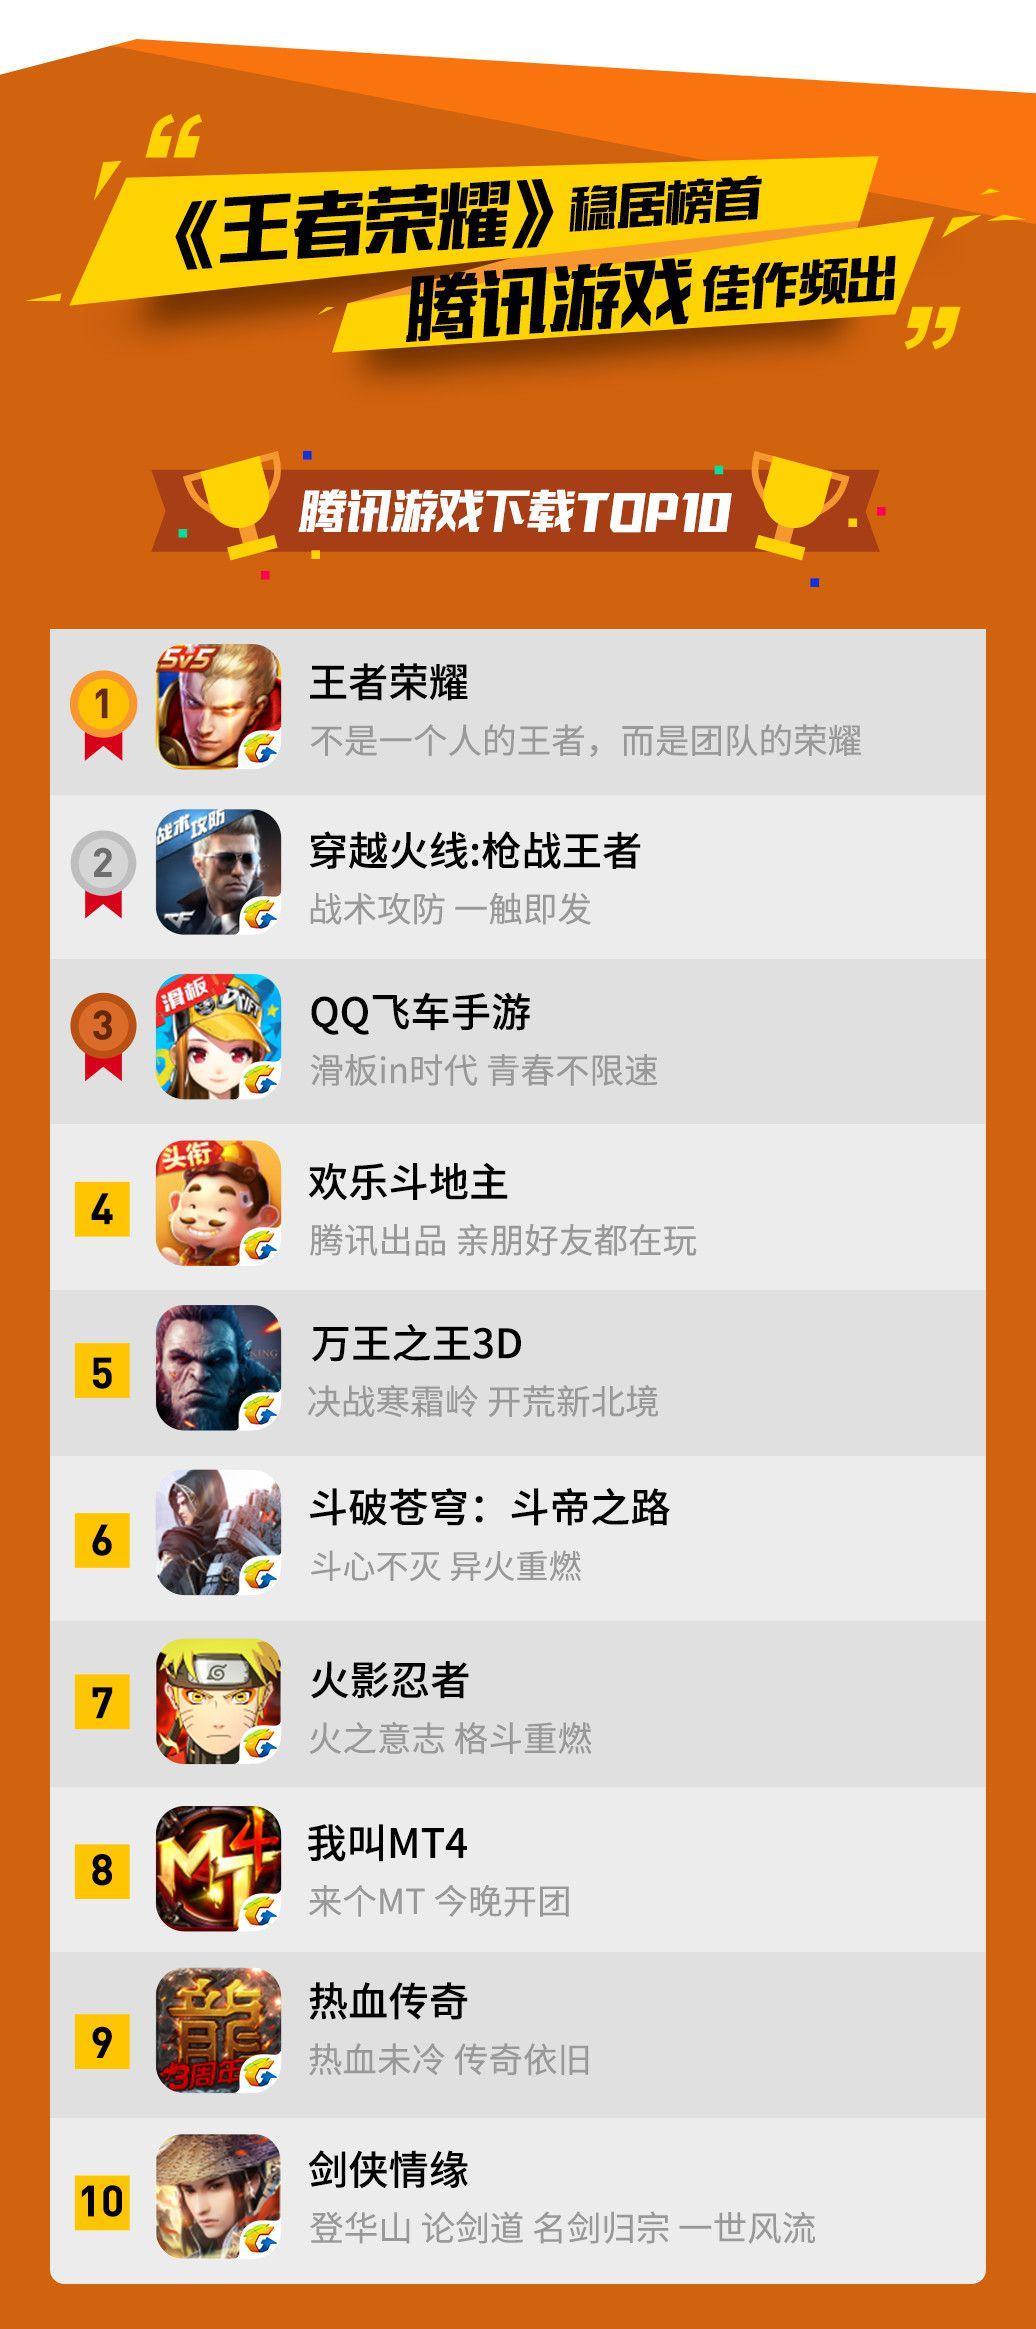 应用宝9月手游报告:经典IP成绩亮眼 腾讯游戏佳作频出